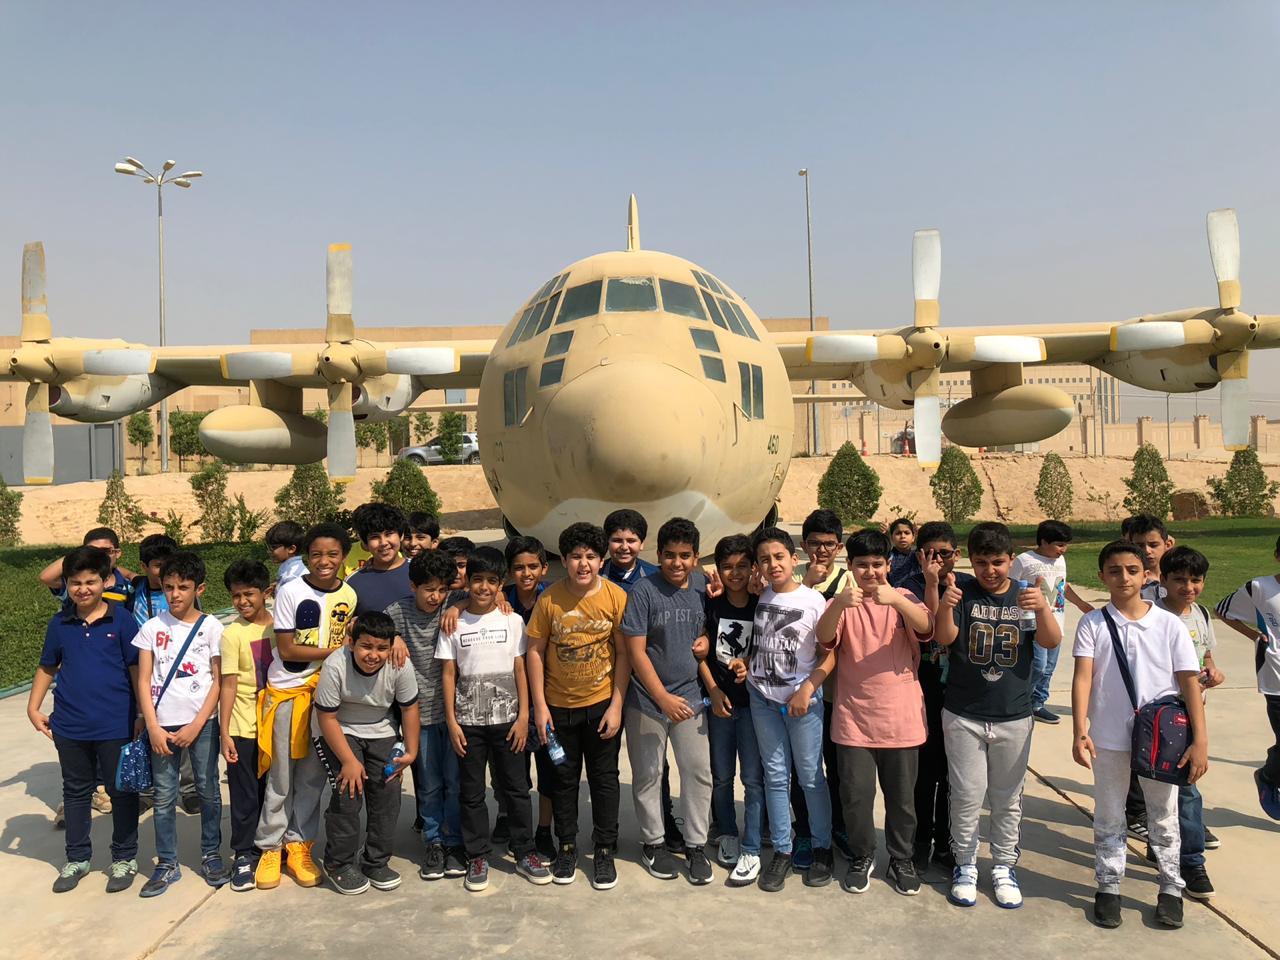 زيارة طلاب المرحلة العليا لمتحف صقر الجزيرة